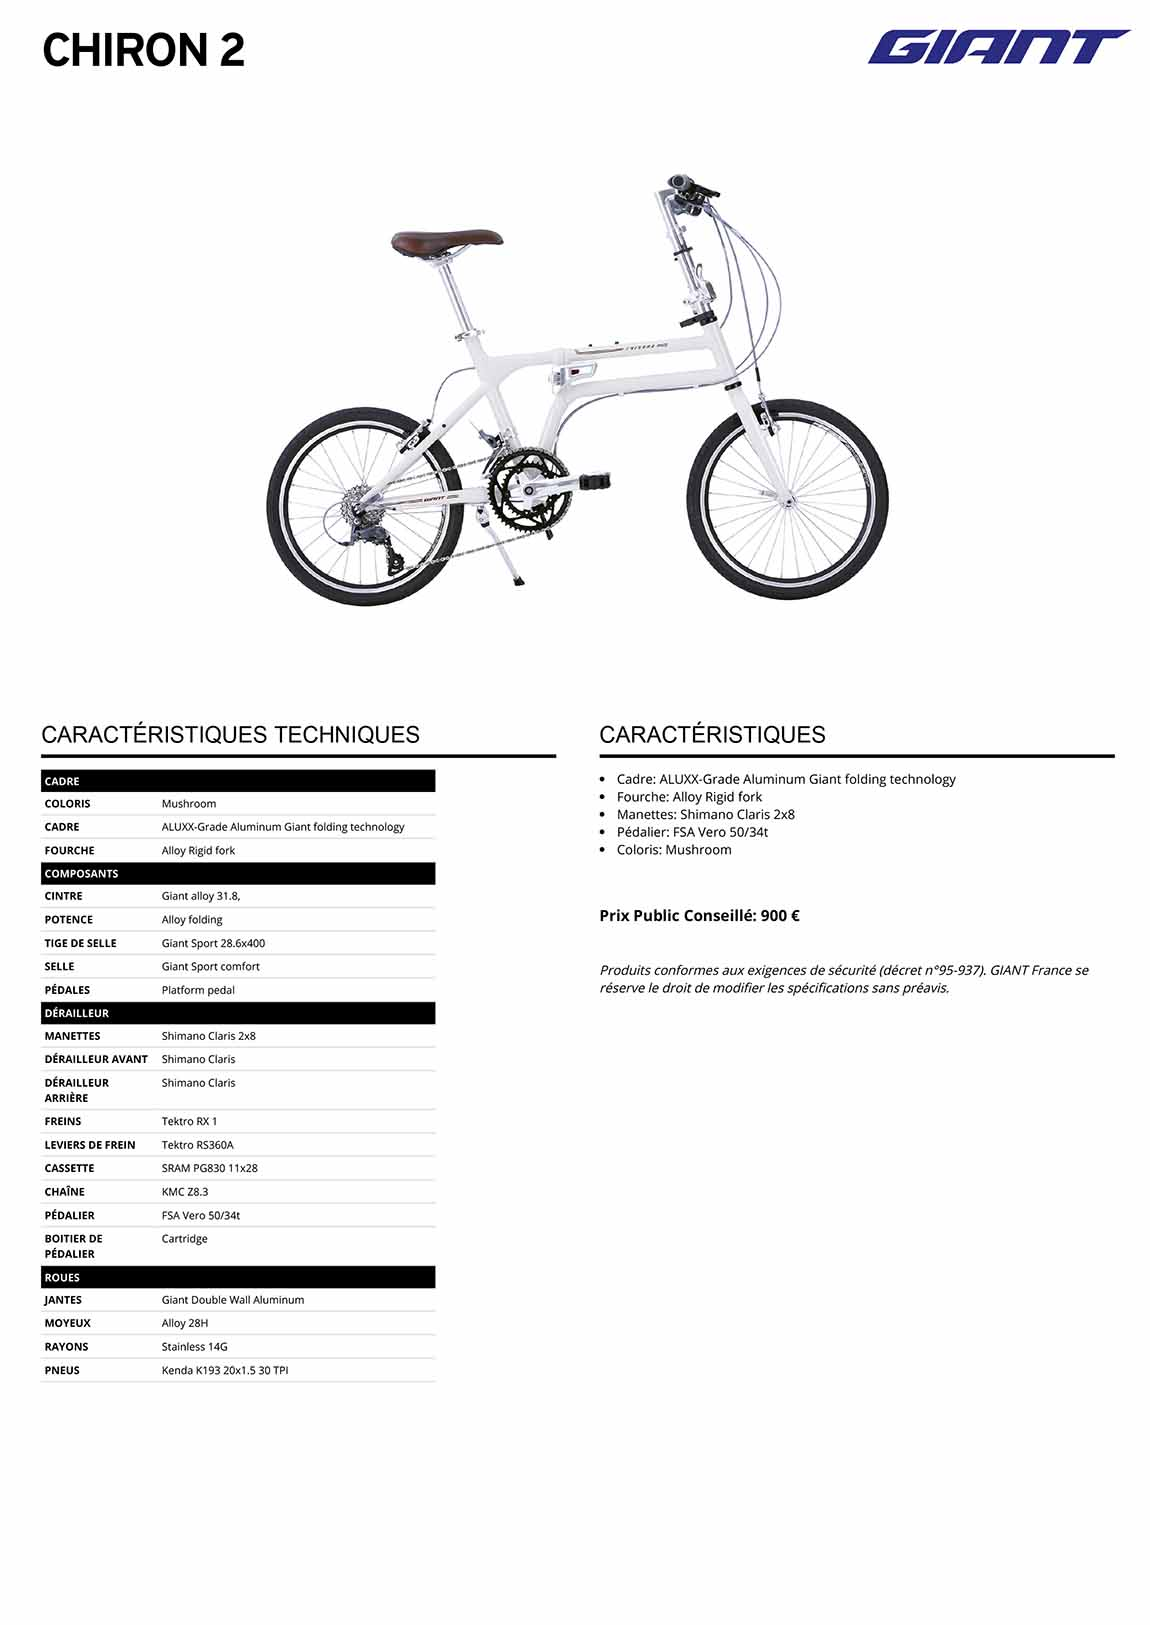 Fiche vélo pliant GIANT Chiron 2022